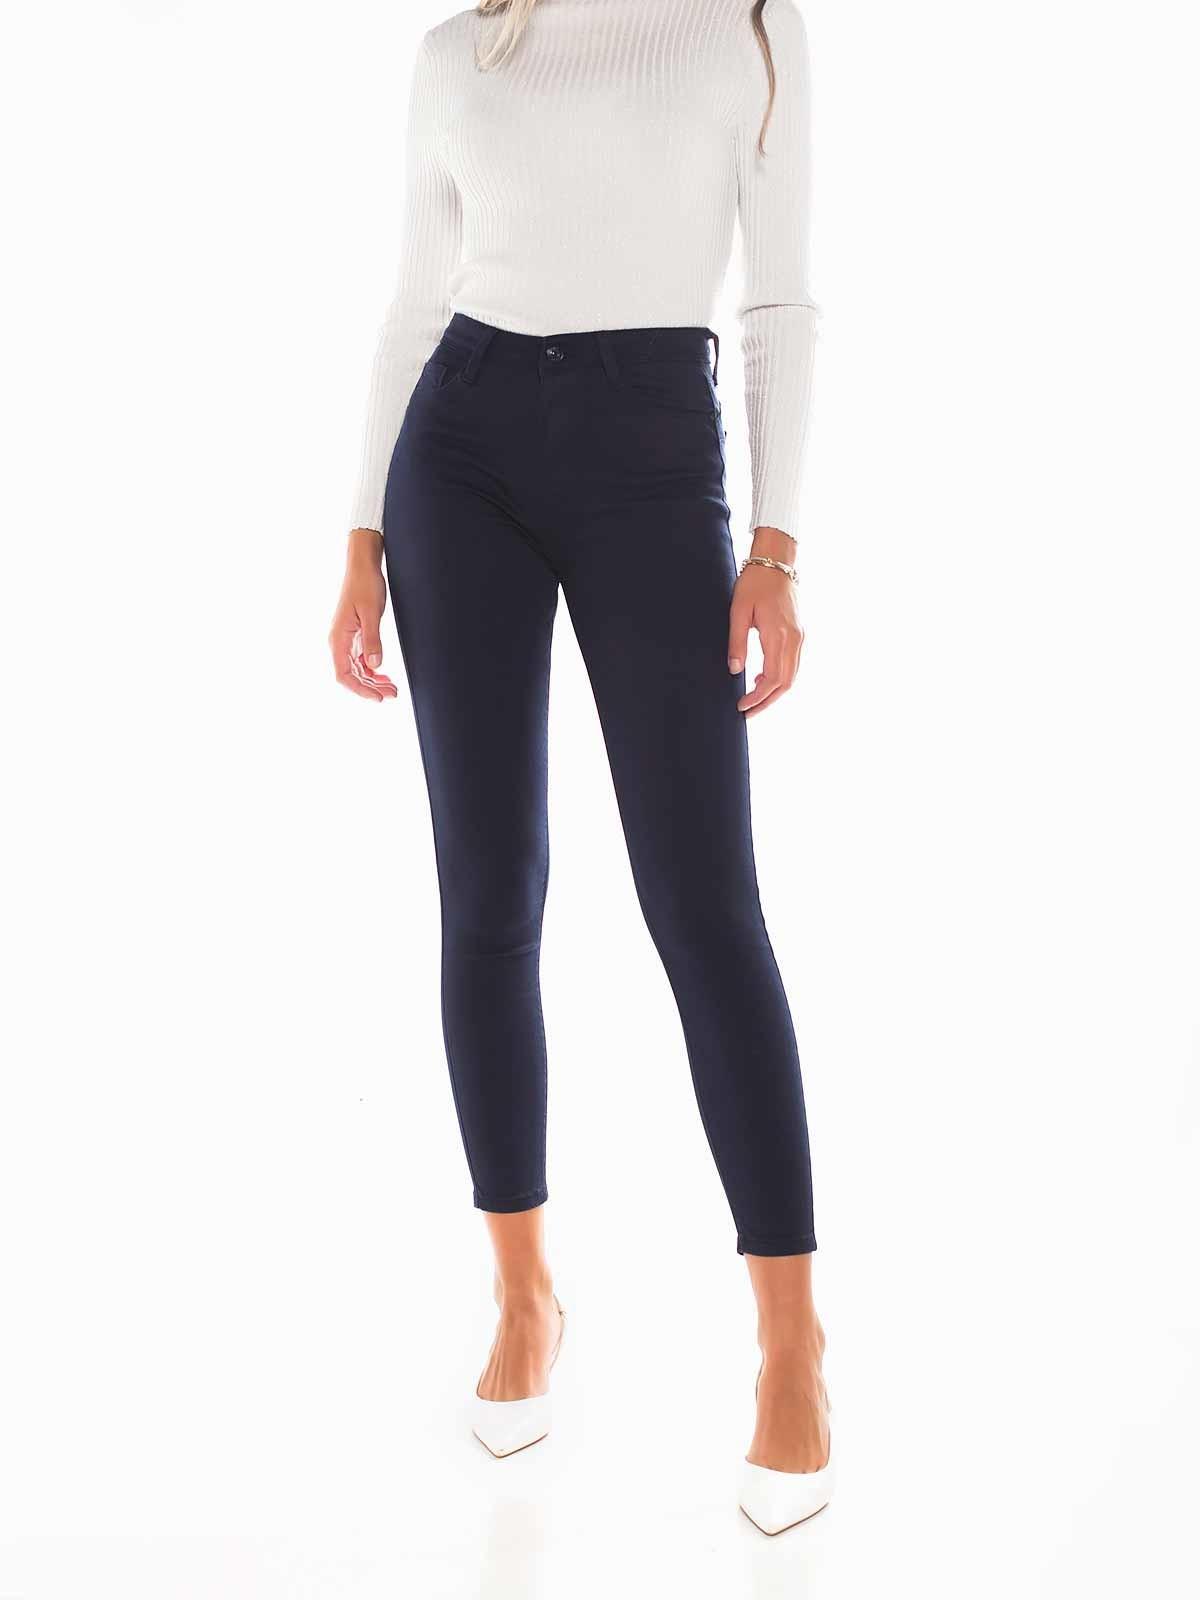 Pantalón push up de sarga azul